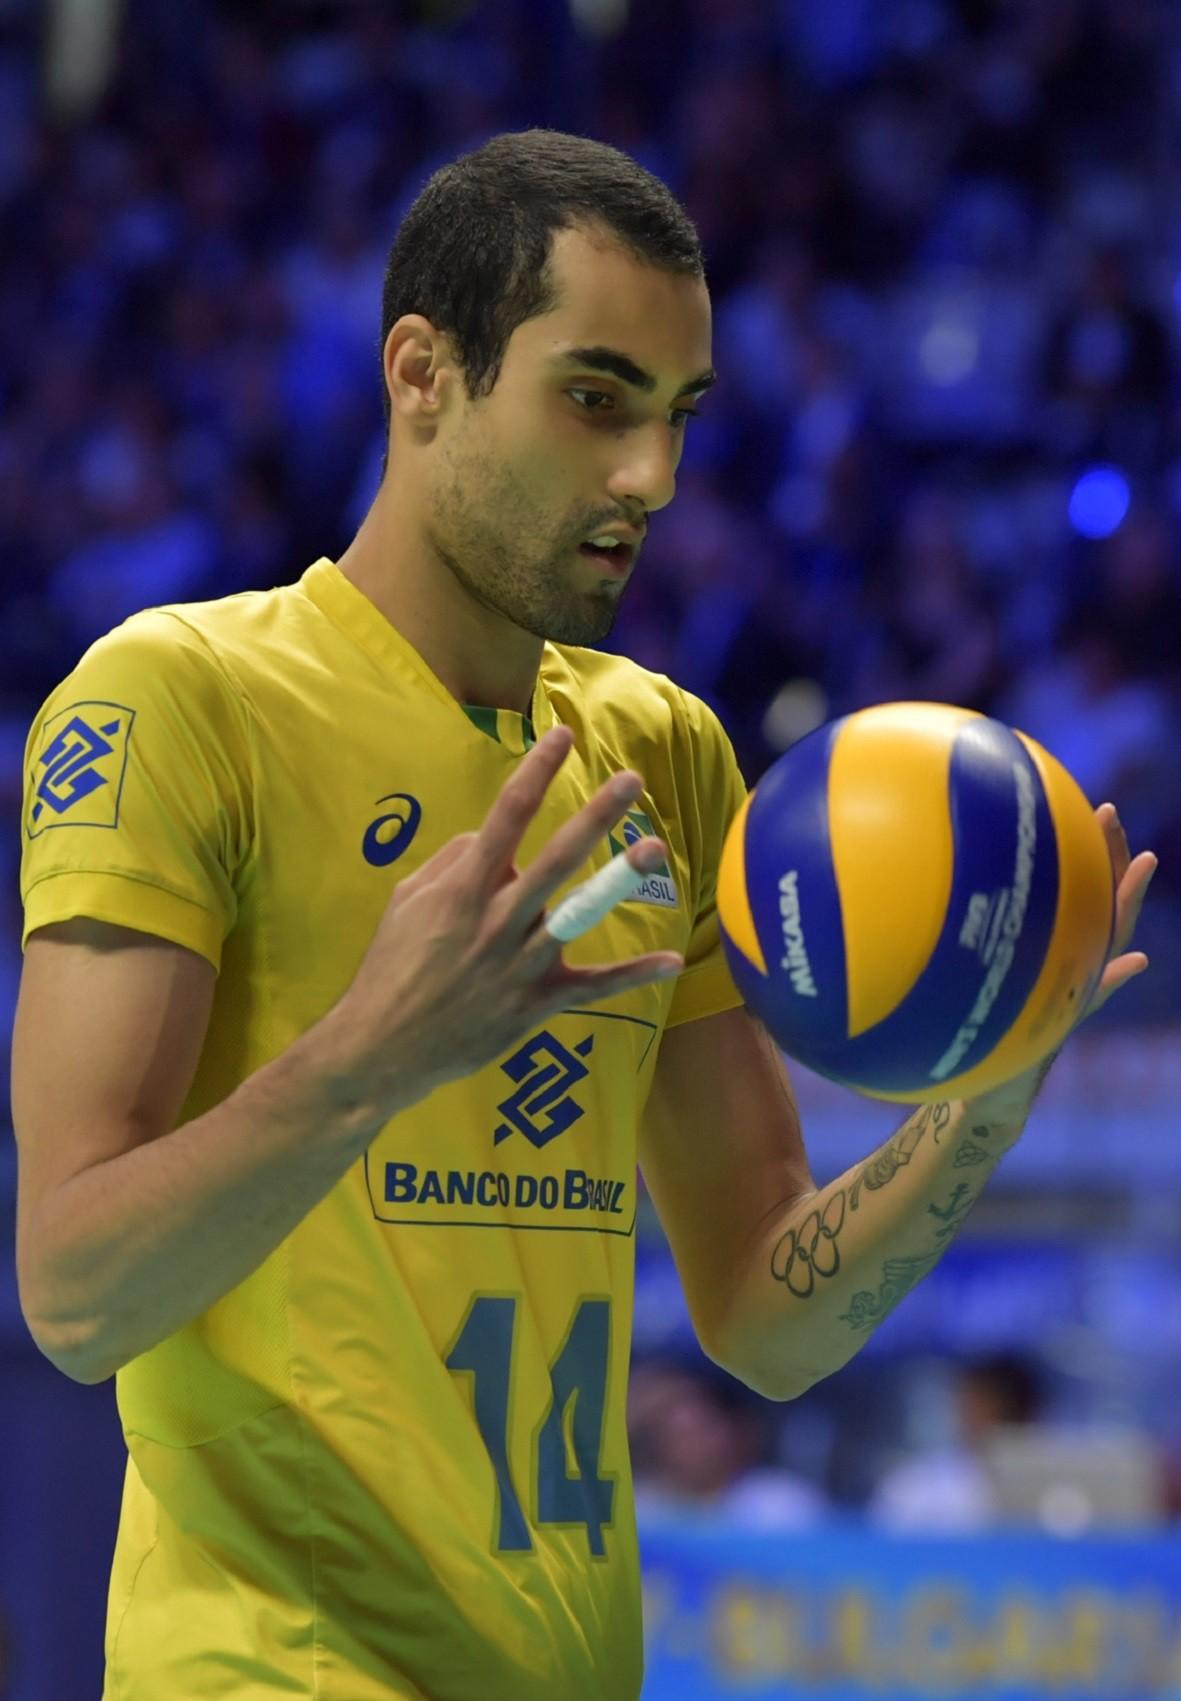 Douglas Souza, jogador da seleção de vôlei - Divulgação/FIVB